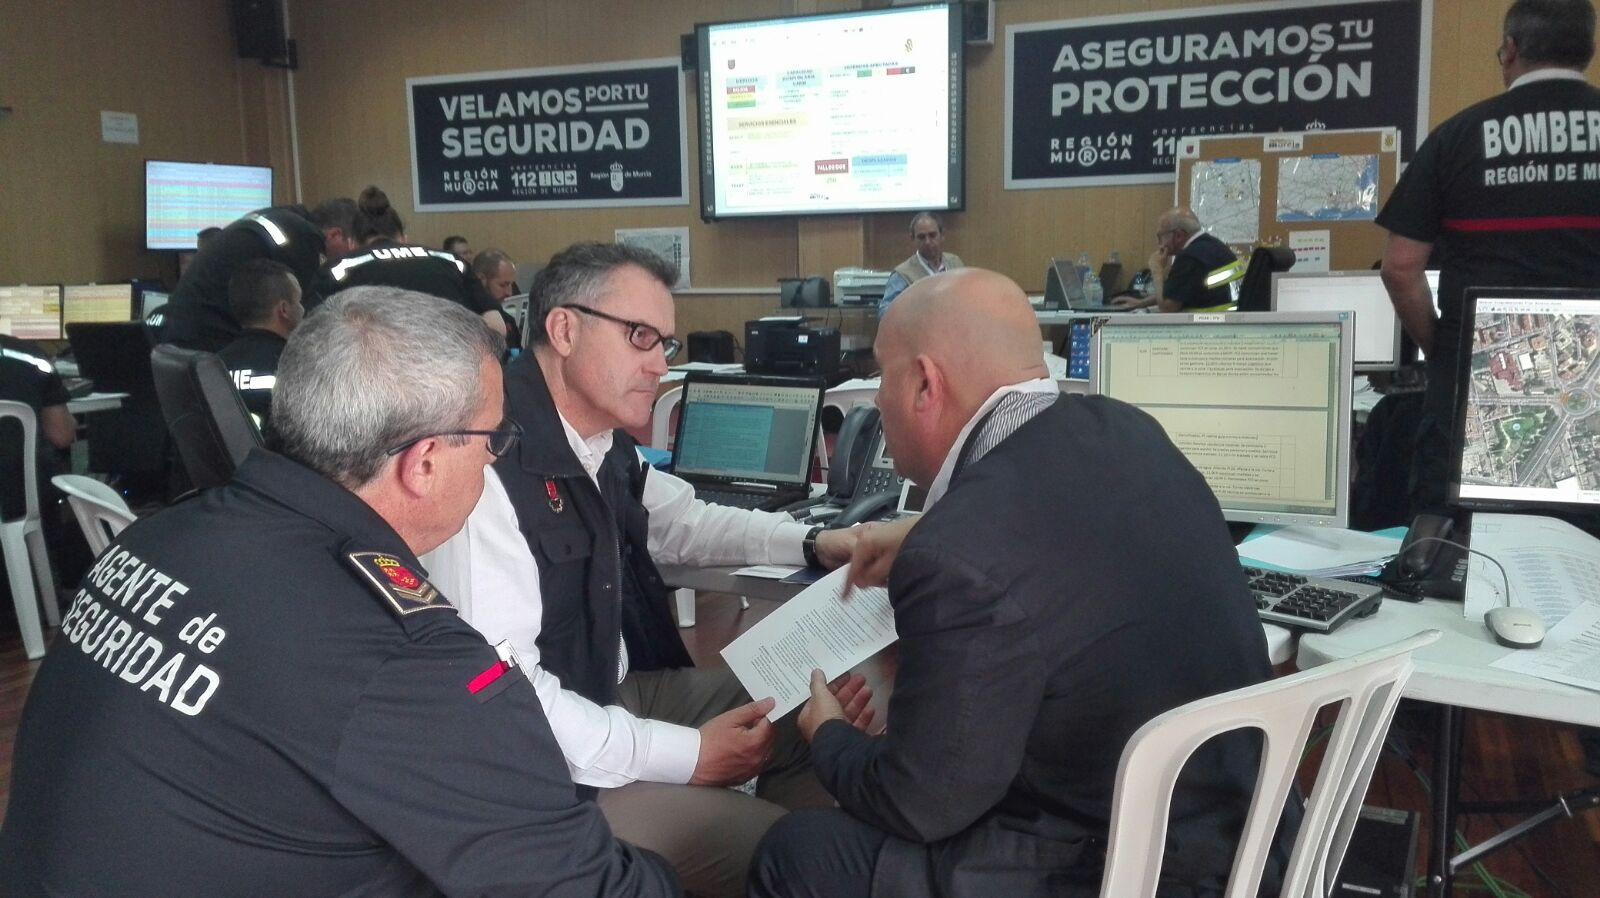 PRESENTADO EL PLAN DE APOYO INTEGRAL ANTE EMERGENCIAS